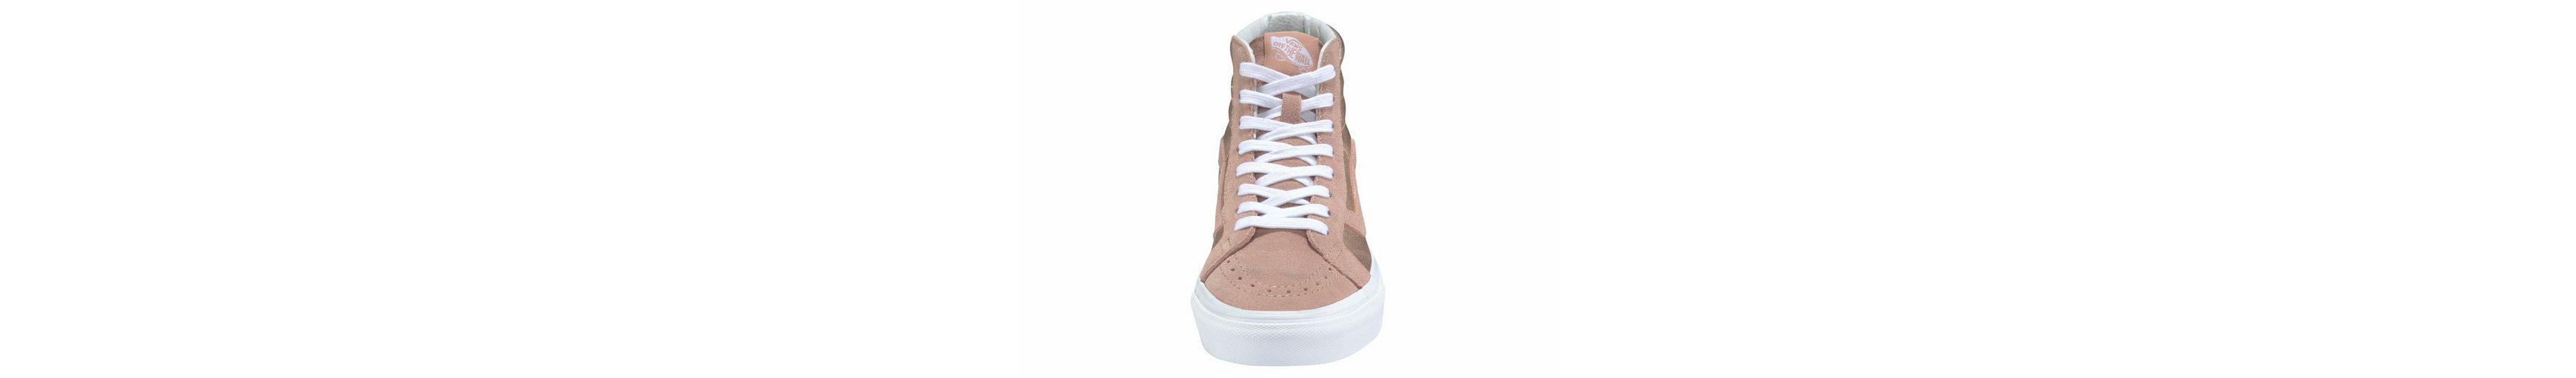 Vans SK8-Hi Reissue W Sneaker Freies Verschiffen 2018 Bester Online-Verkauf Besuchen Online-Verkauf Neu Av9eLuZi7v